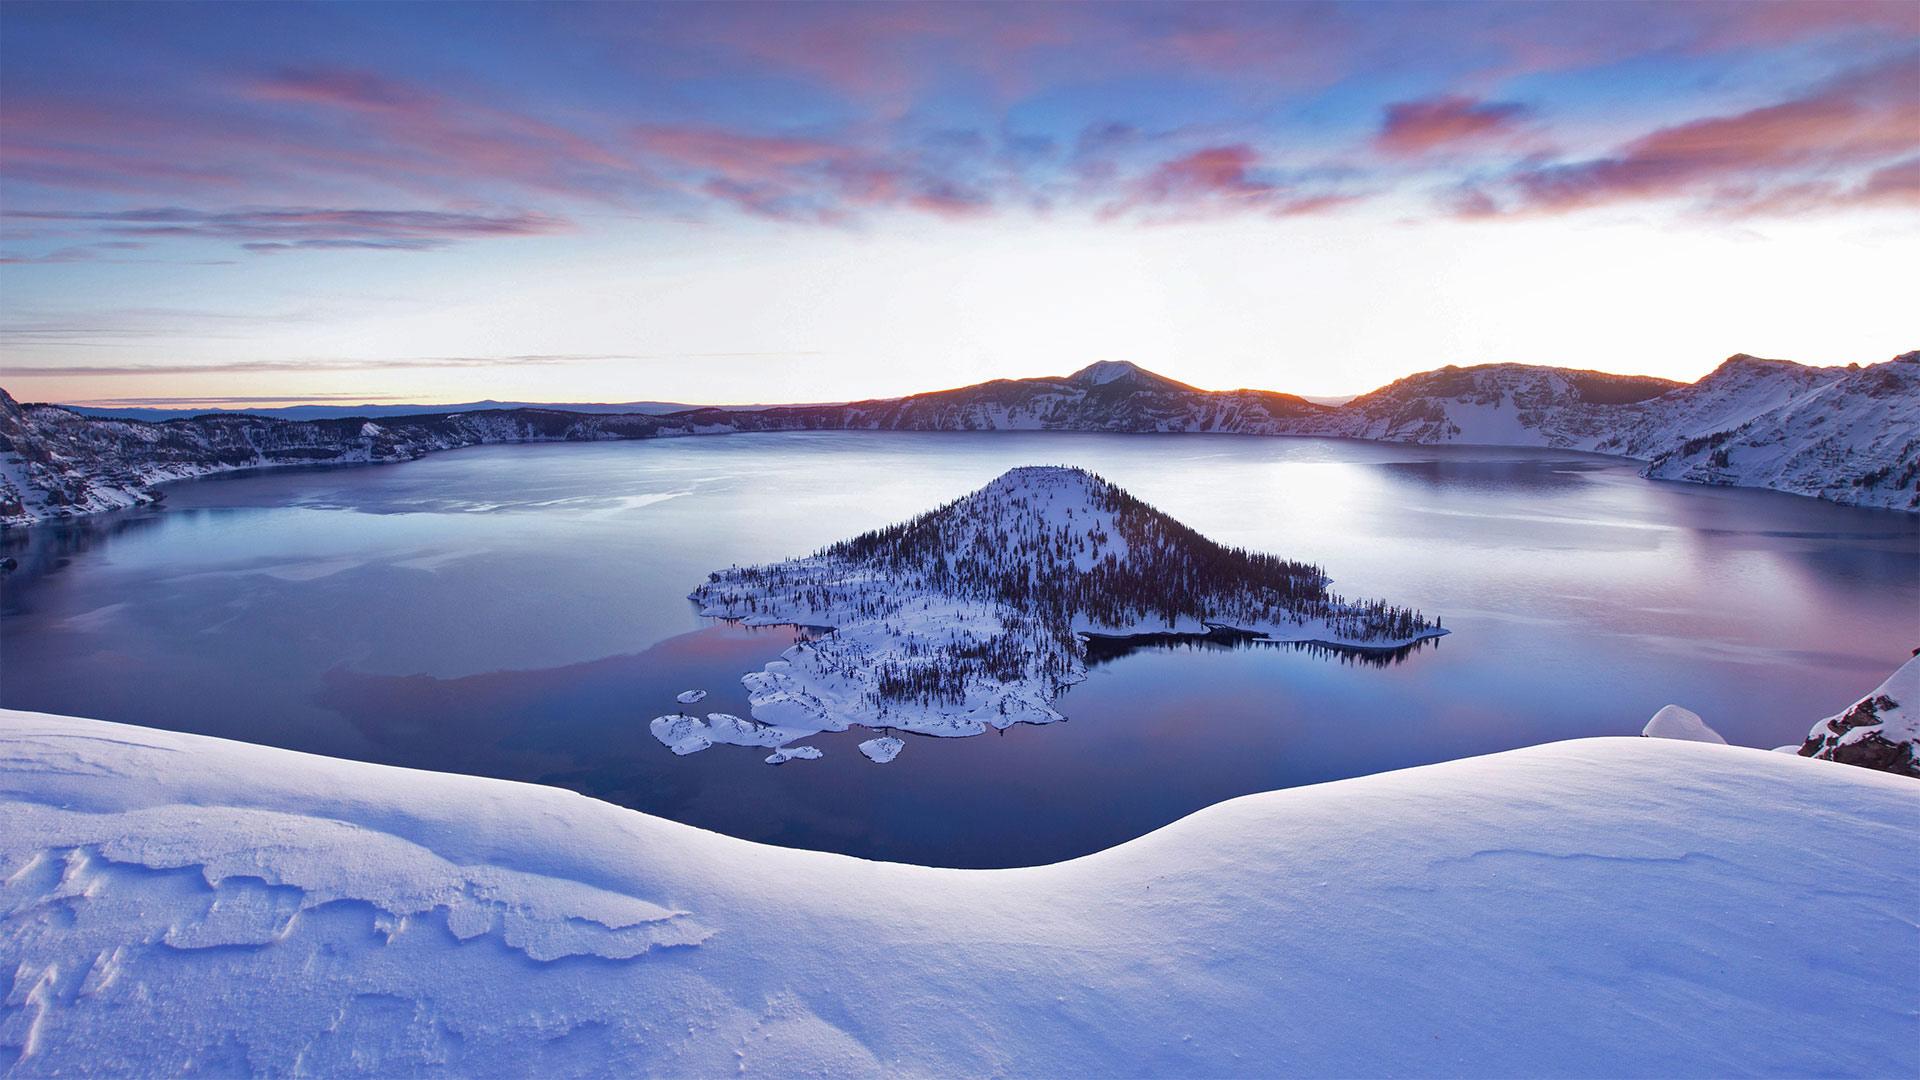 「冬のクレーターレイク国立公園」米国, オレゴン州 (© Steve Bloom Images/Alamy)